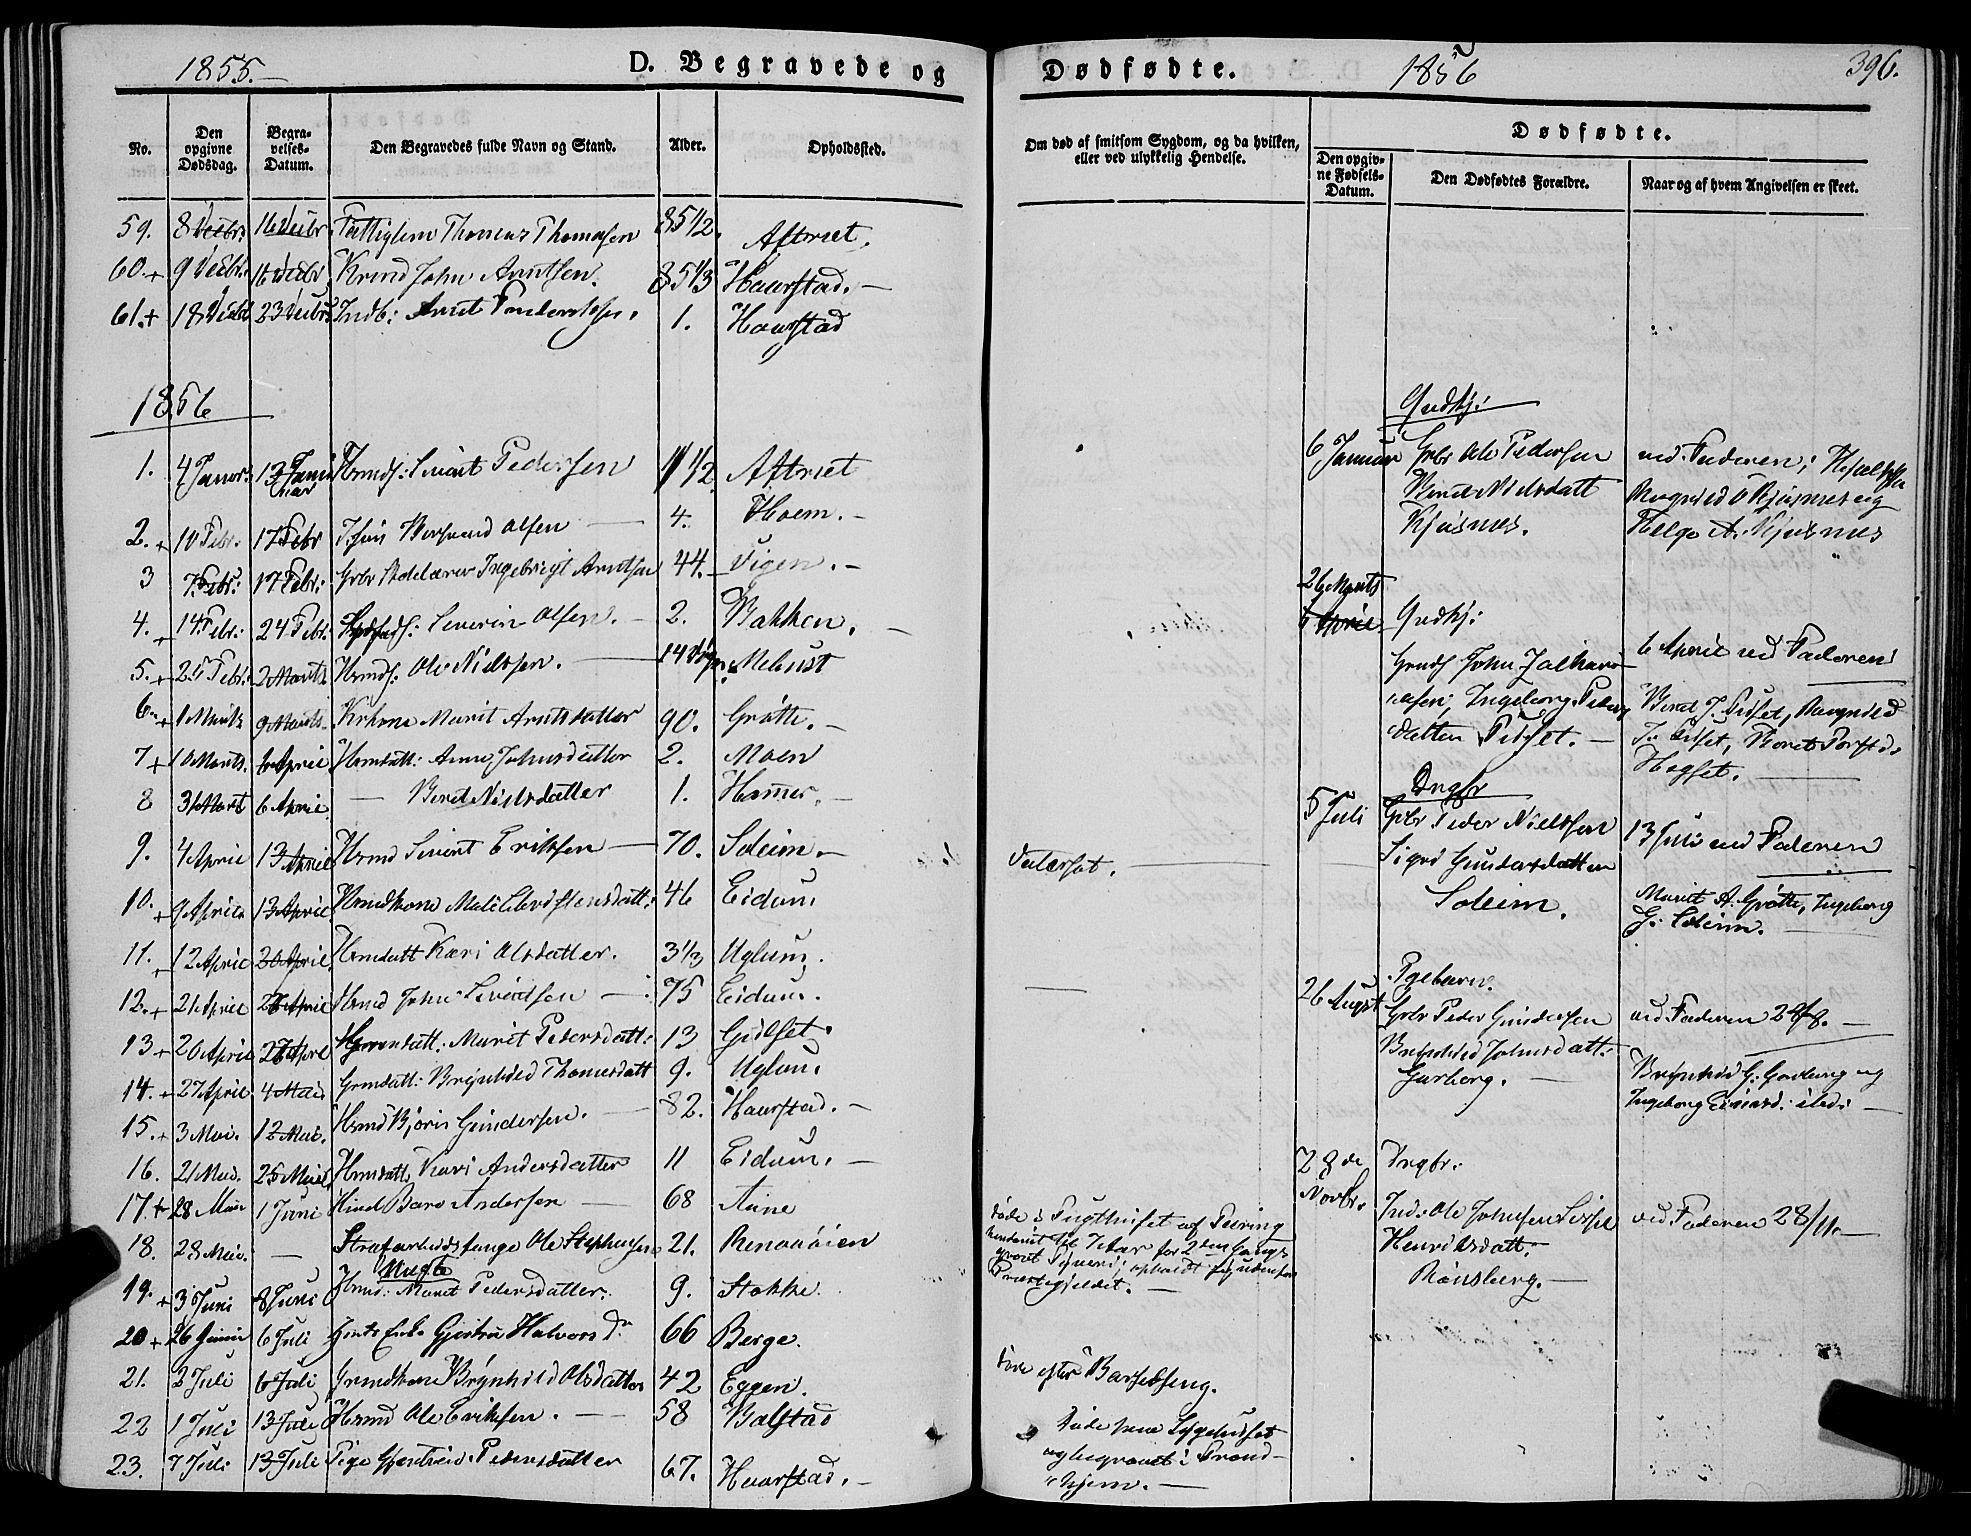 SAT, Ministerialprotokoller, klokkerbøker og fødselsregistre - Sør-Trøndelag, 695/L1145: Ministerialbok nr. 695A06 /1, 1843-1859, s. 396